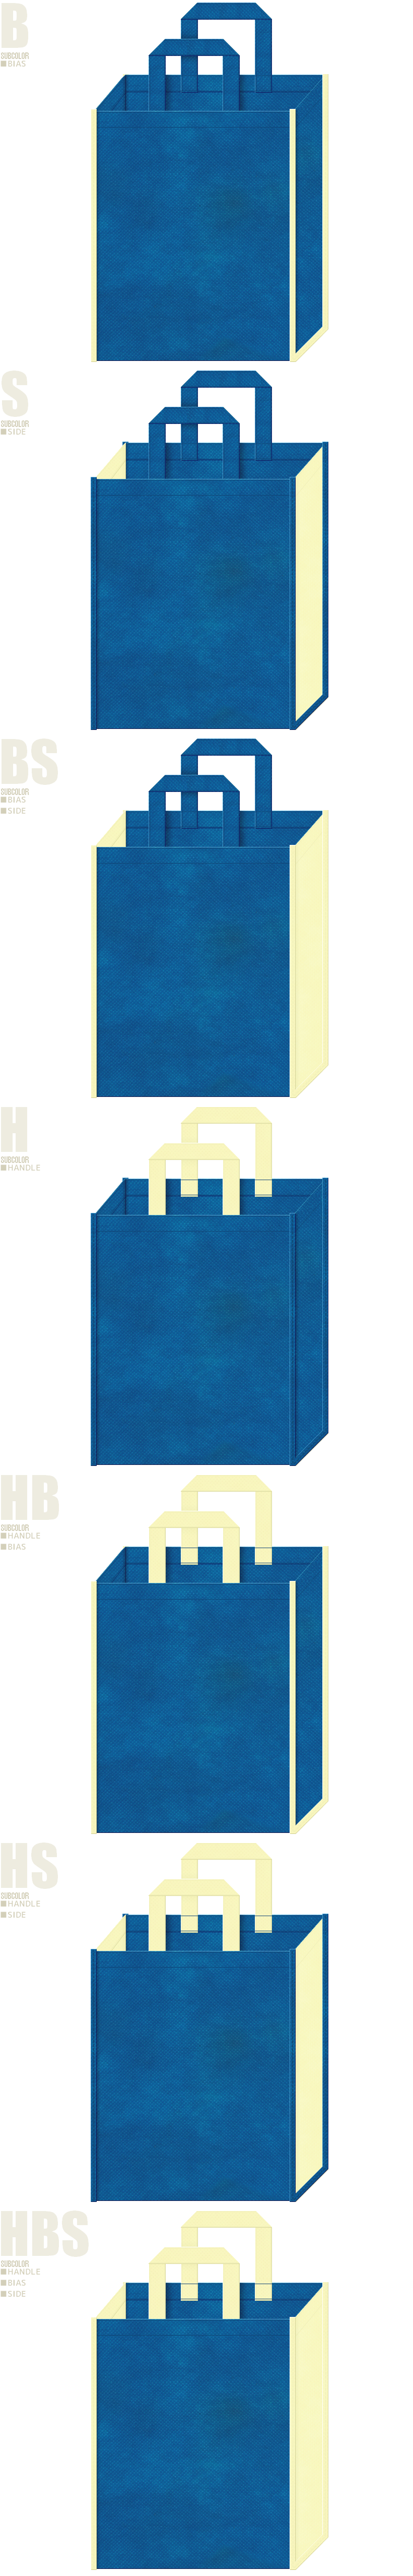 青色と淡黄色-7パターンの不織布トートバッグ配色デザイン例